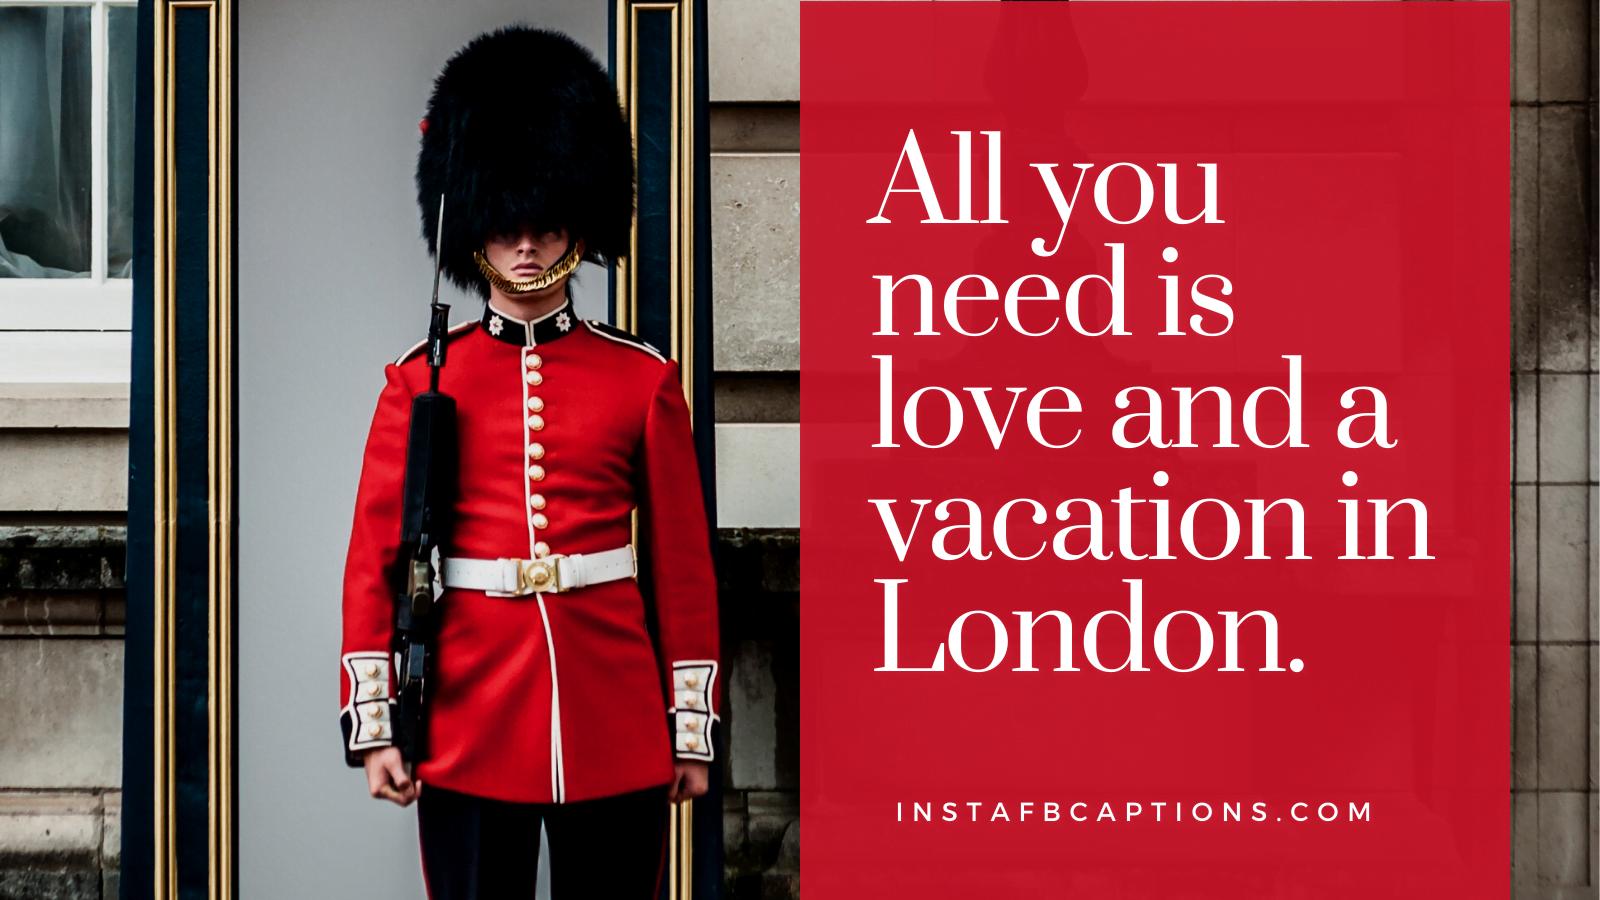 Best Tour Destination Captions For London 2021  - Best Tour Destination Captions for London 2021 - 99+ LONDON Instagram Captions for London Diaries, Bus, & Dreams in 2021